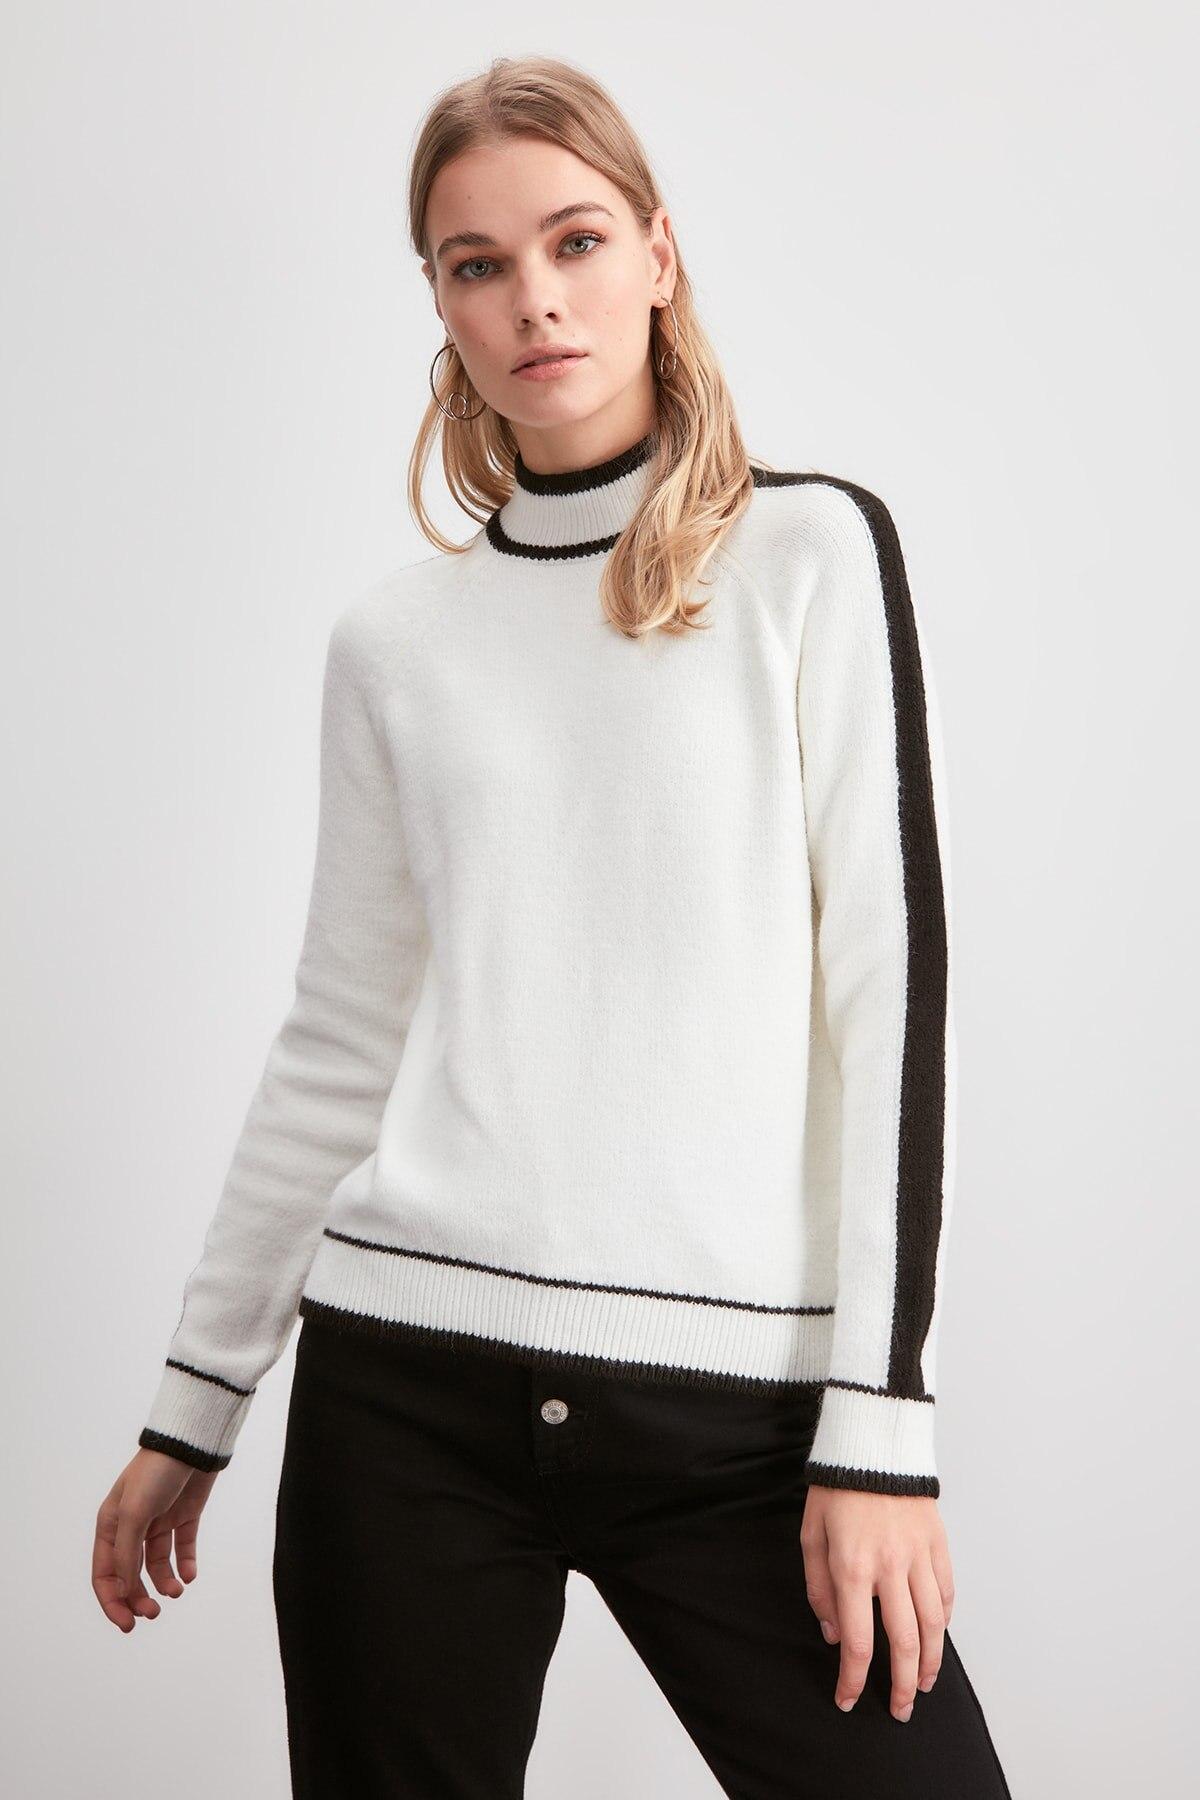 Trendyol Sides Striped Knitwear Sweater TWOAW20KZ1465